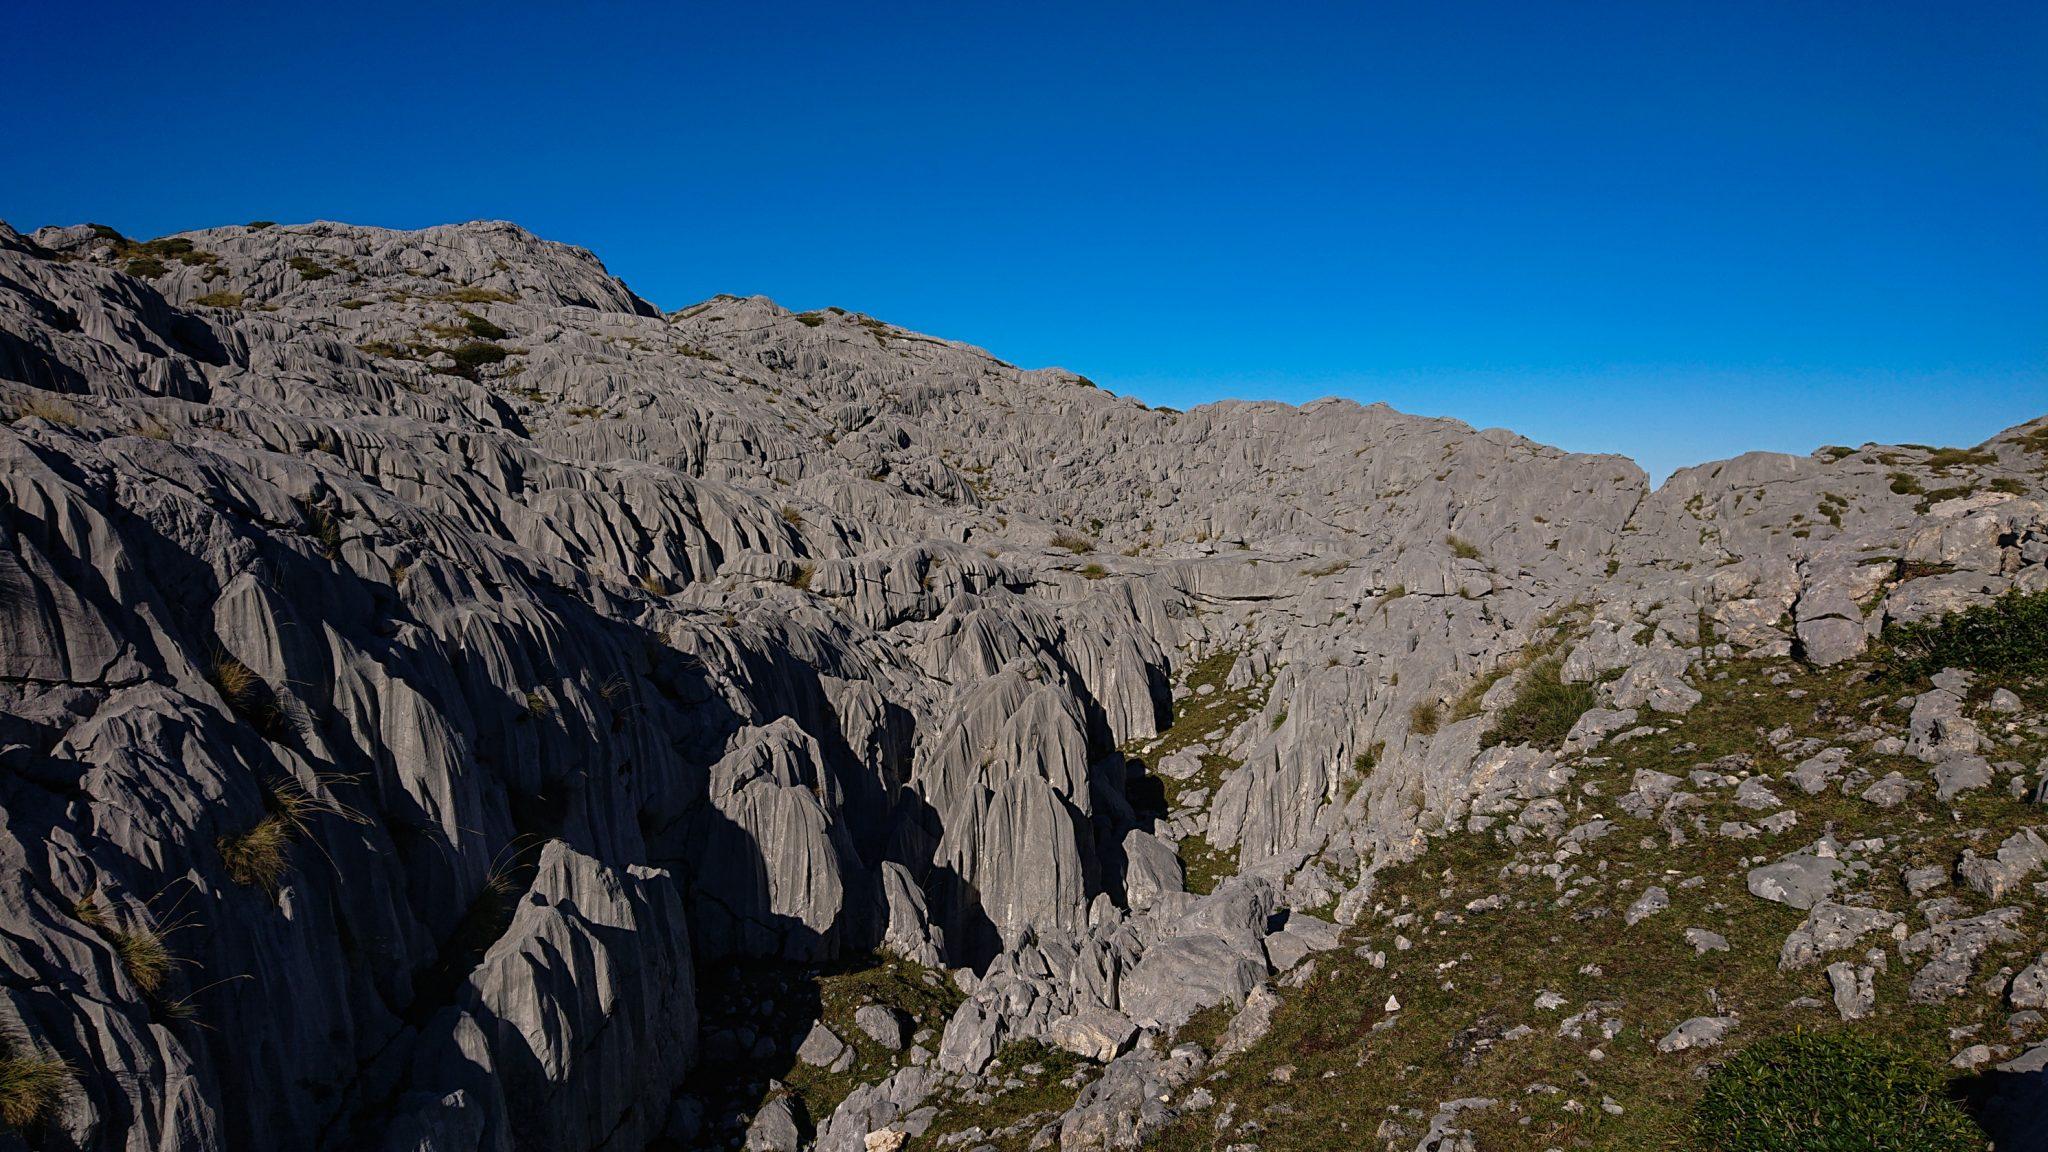 Wanderung Mirador de Ordiales Picos de Europa Spanien, schöner sehr schmaler und einsamer Wanderweg in Bergregion, zerklüftete Felsen